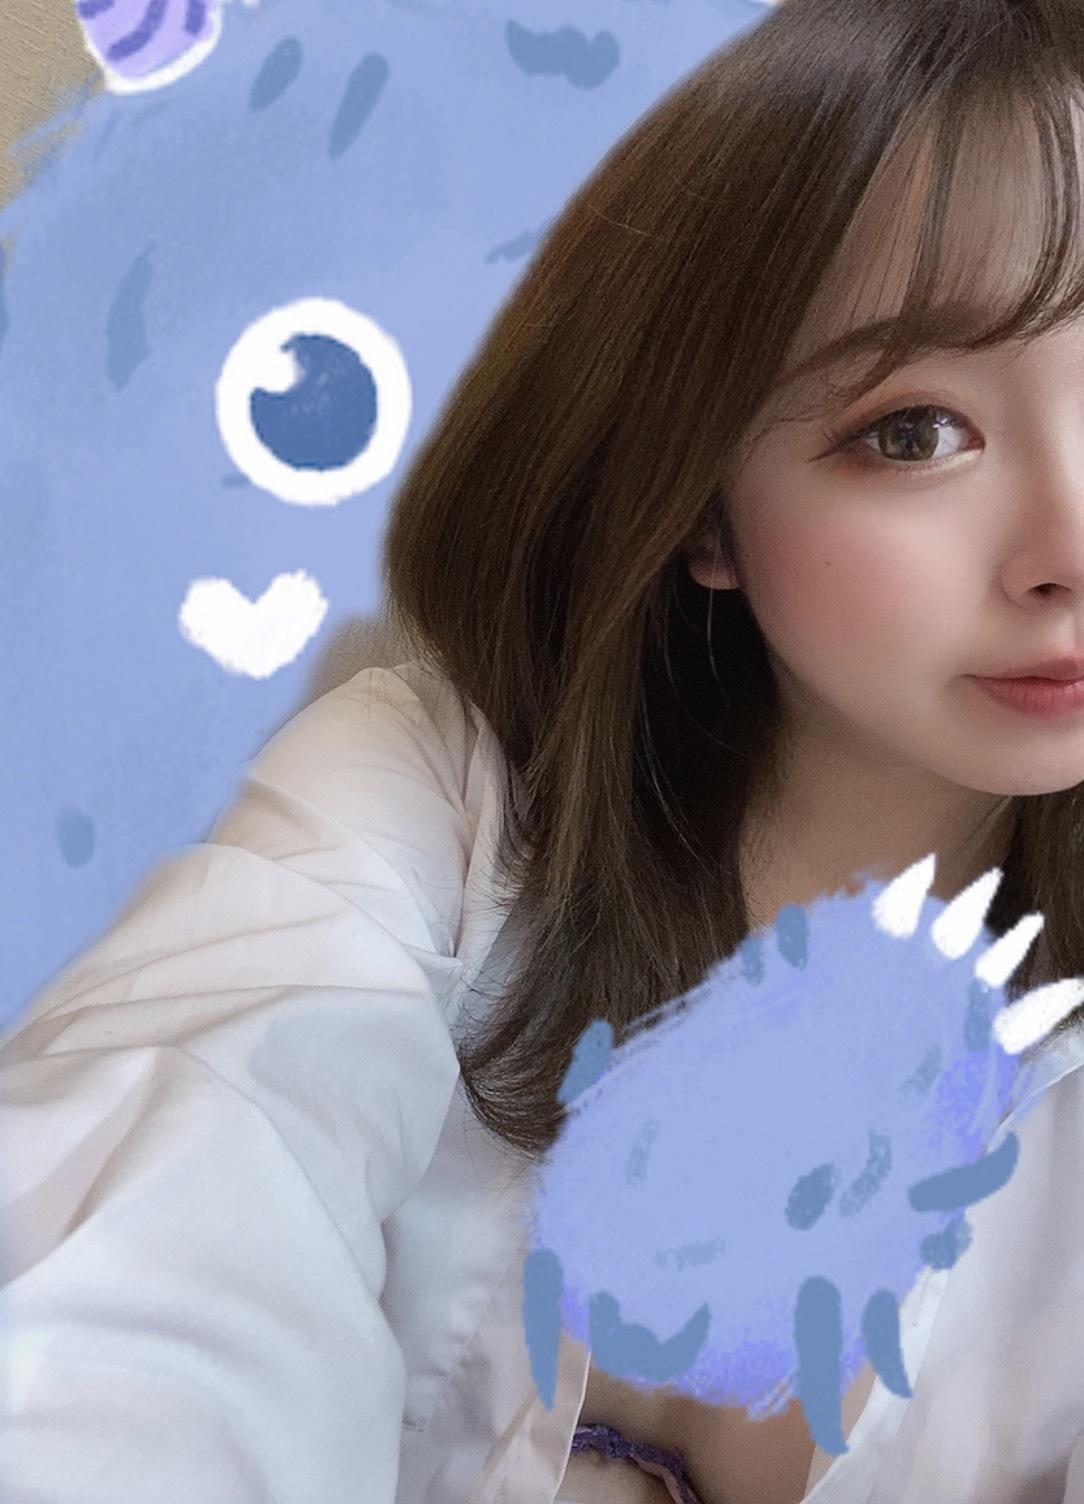 「∩^ω^∩♡」03/24(03/24) 14:49   なぎほの写メ・風俗動画